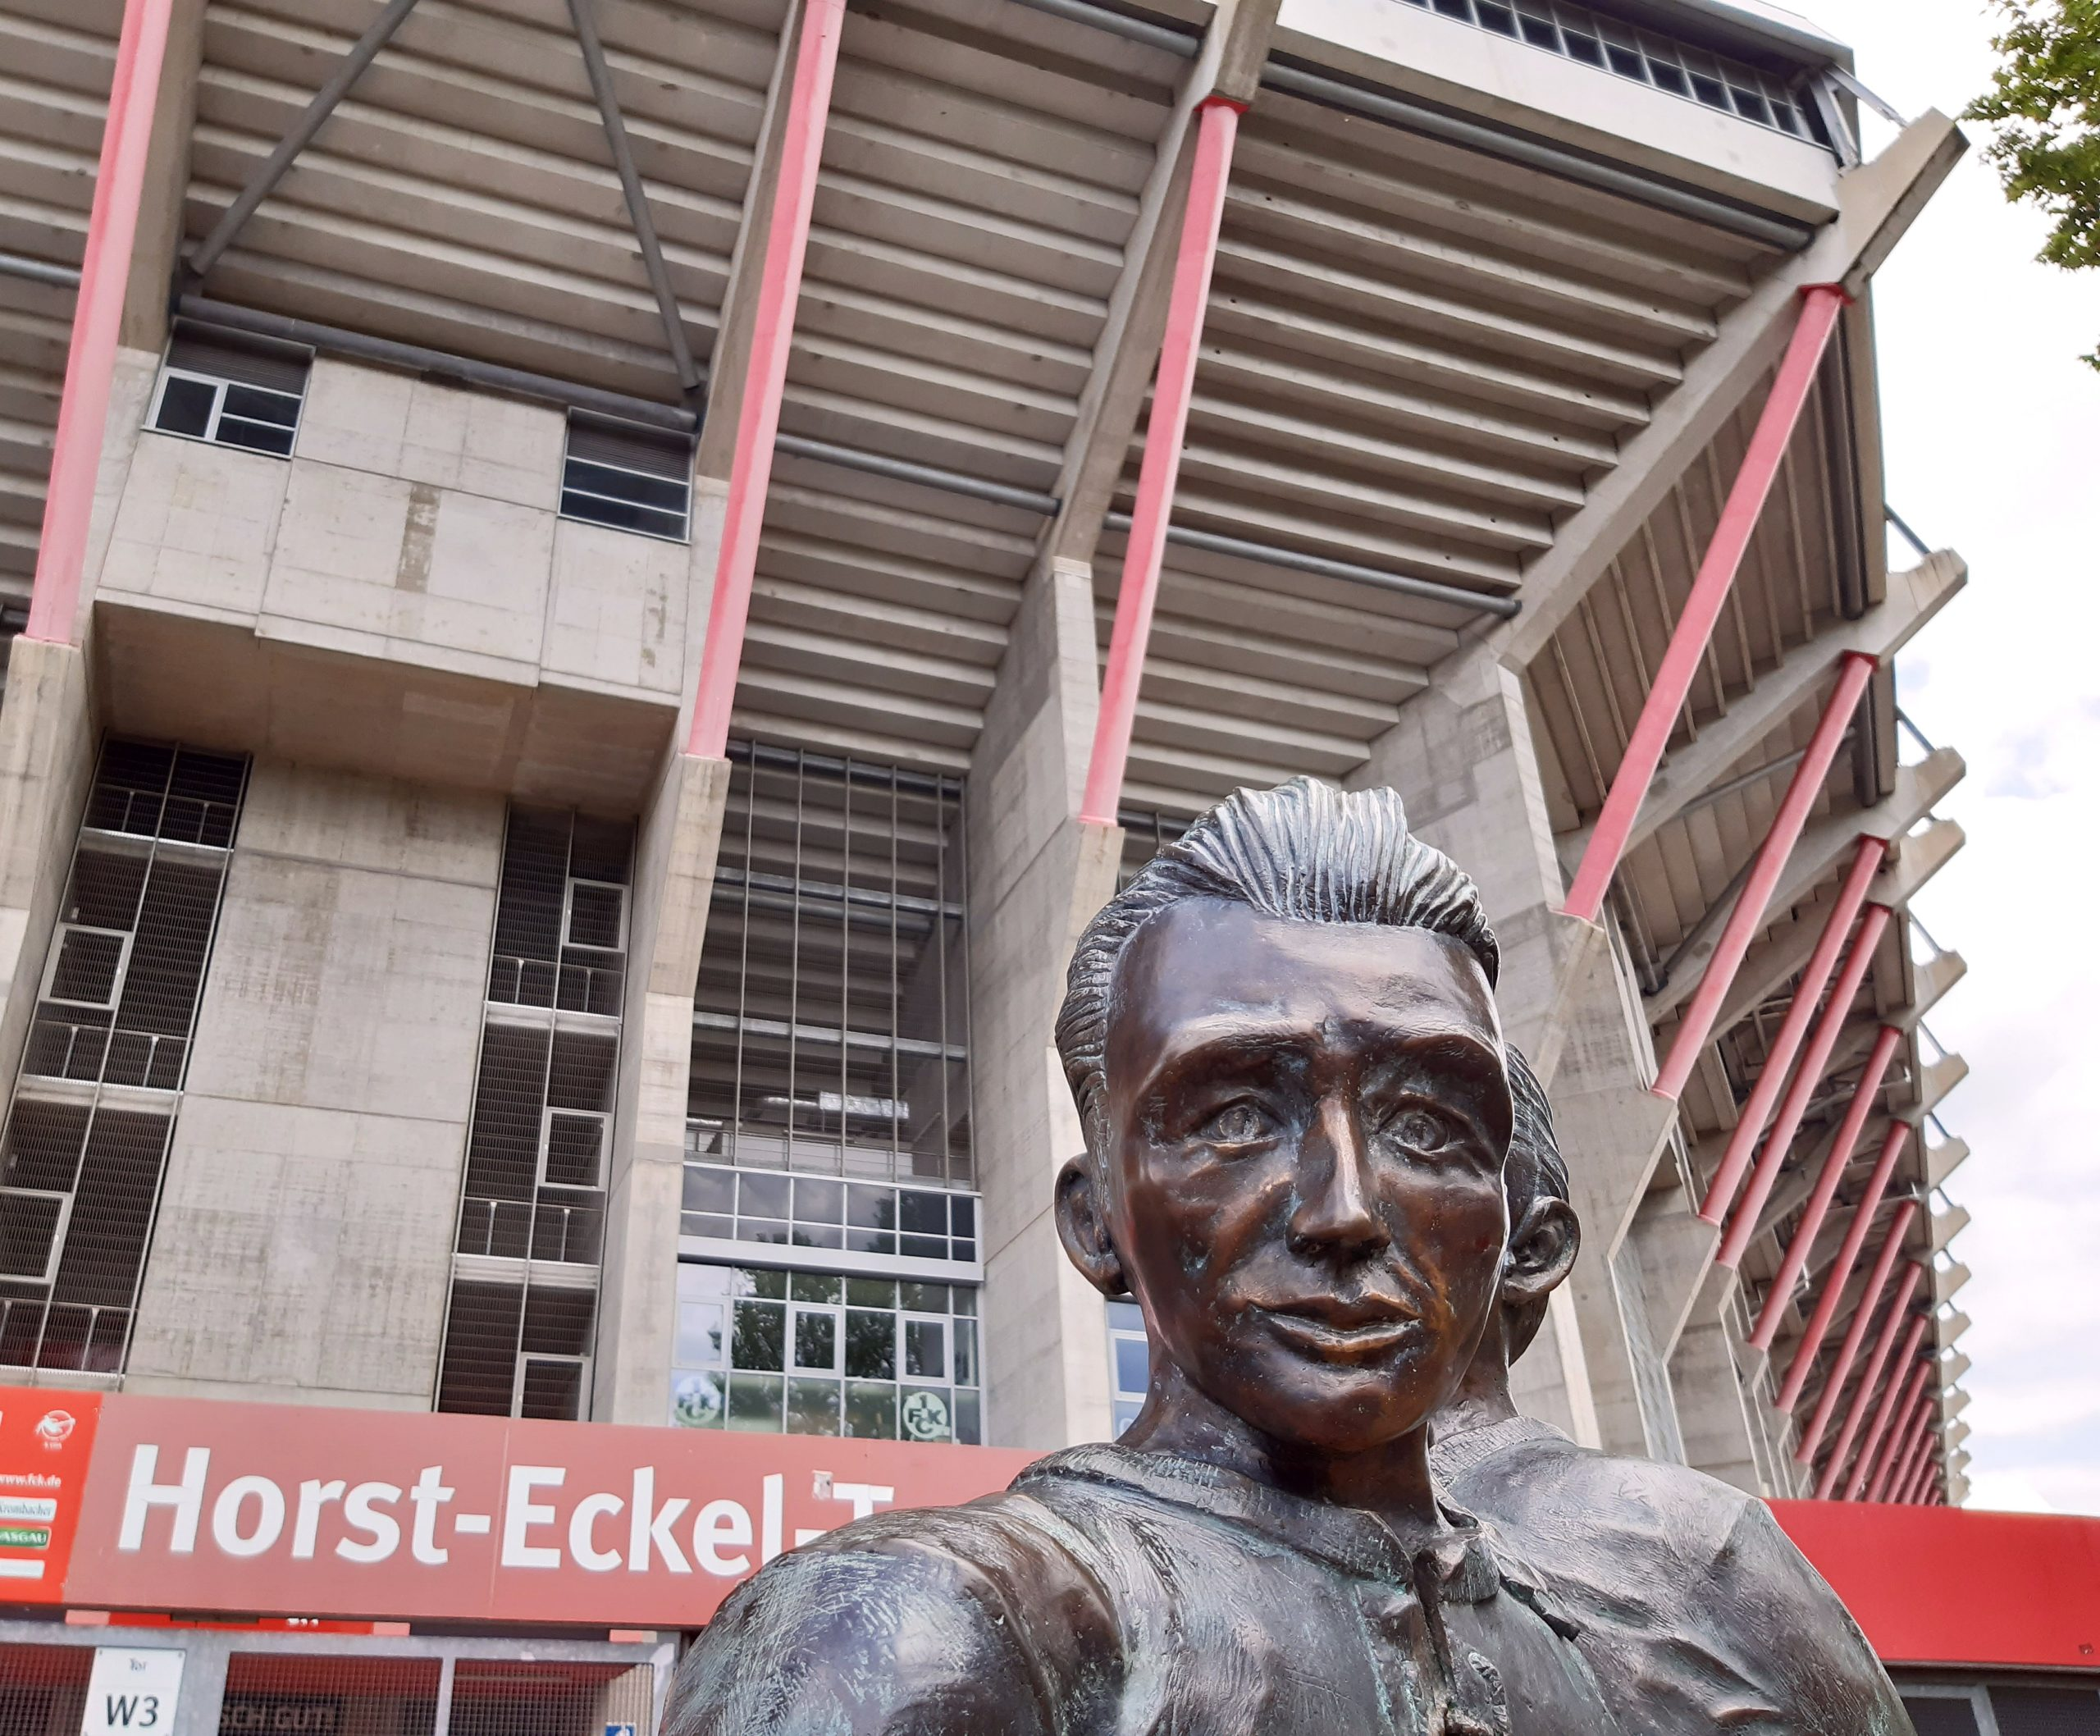 Horst Eckel vor dem Horst-Eckel-Tor